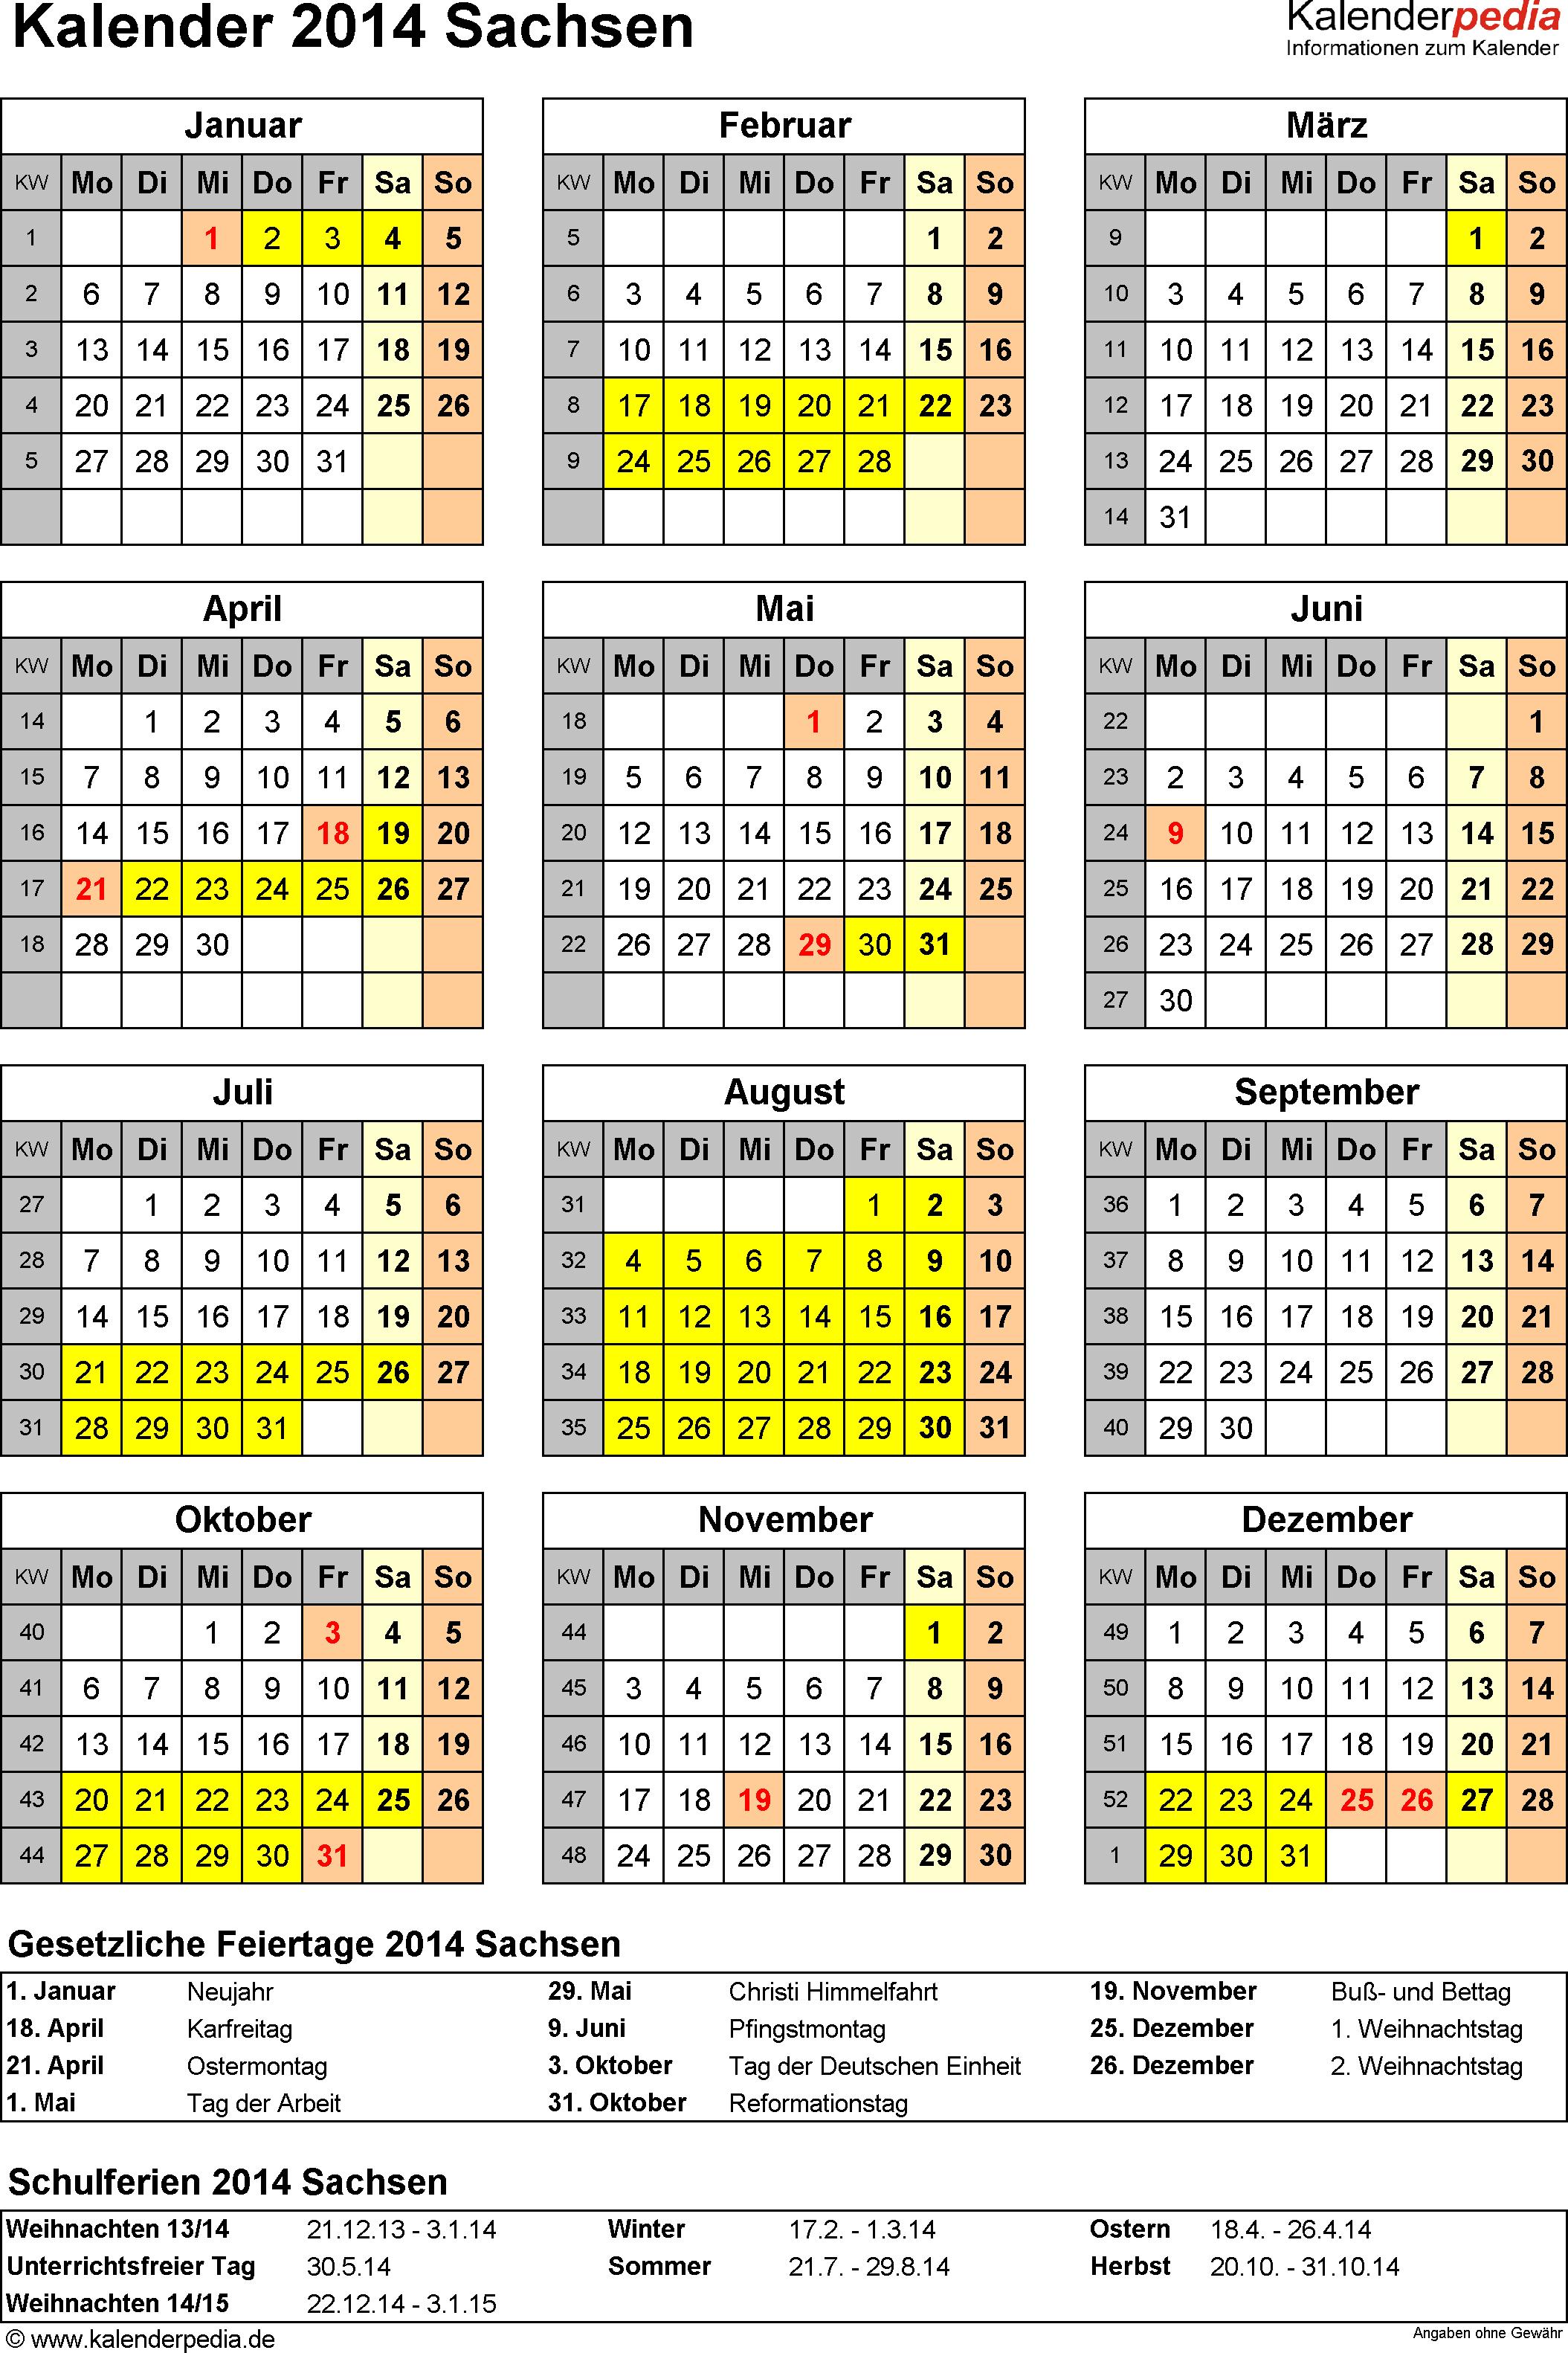 Vorlage 4: Kalender Sachsen 2014 als Excel-Vorlage (Hochformat)